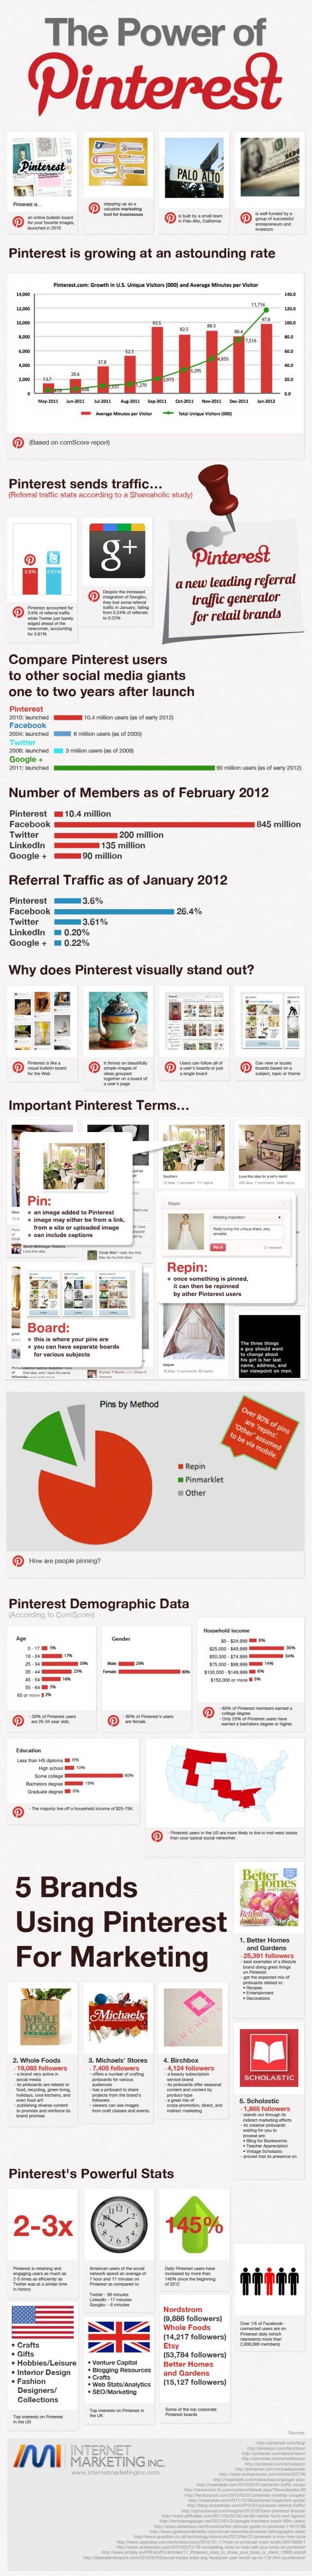 For Pinterest on Pinterest: Social Network, Social Marketing, Social Media Tips, Internet Marketing, Socialnetwork, Small Business, Pinterest Infographic, Socialmedia, Medium